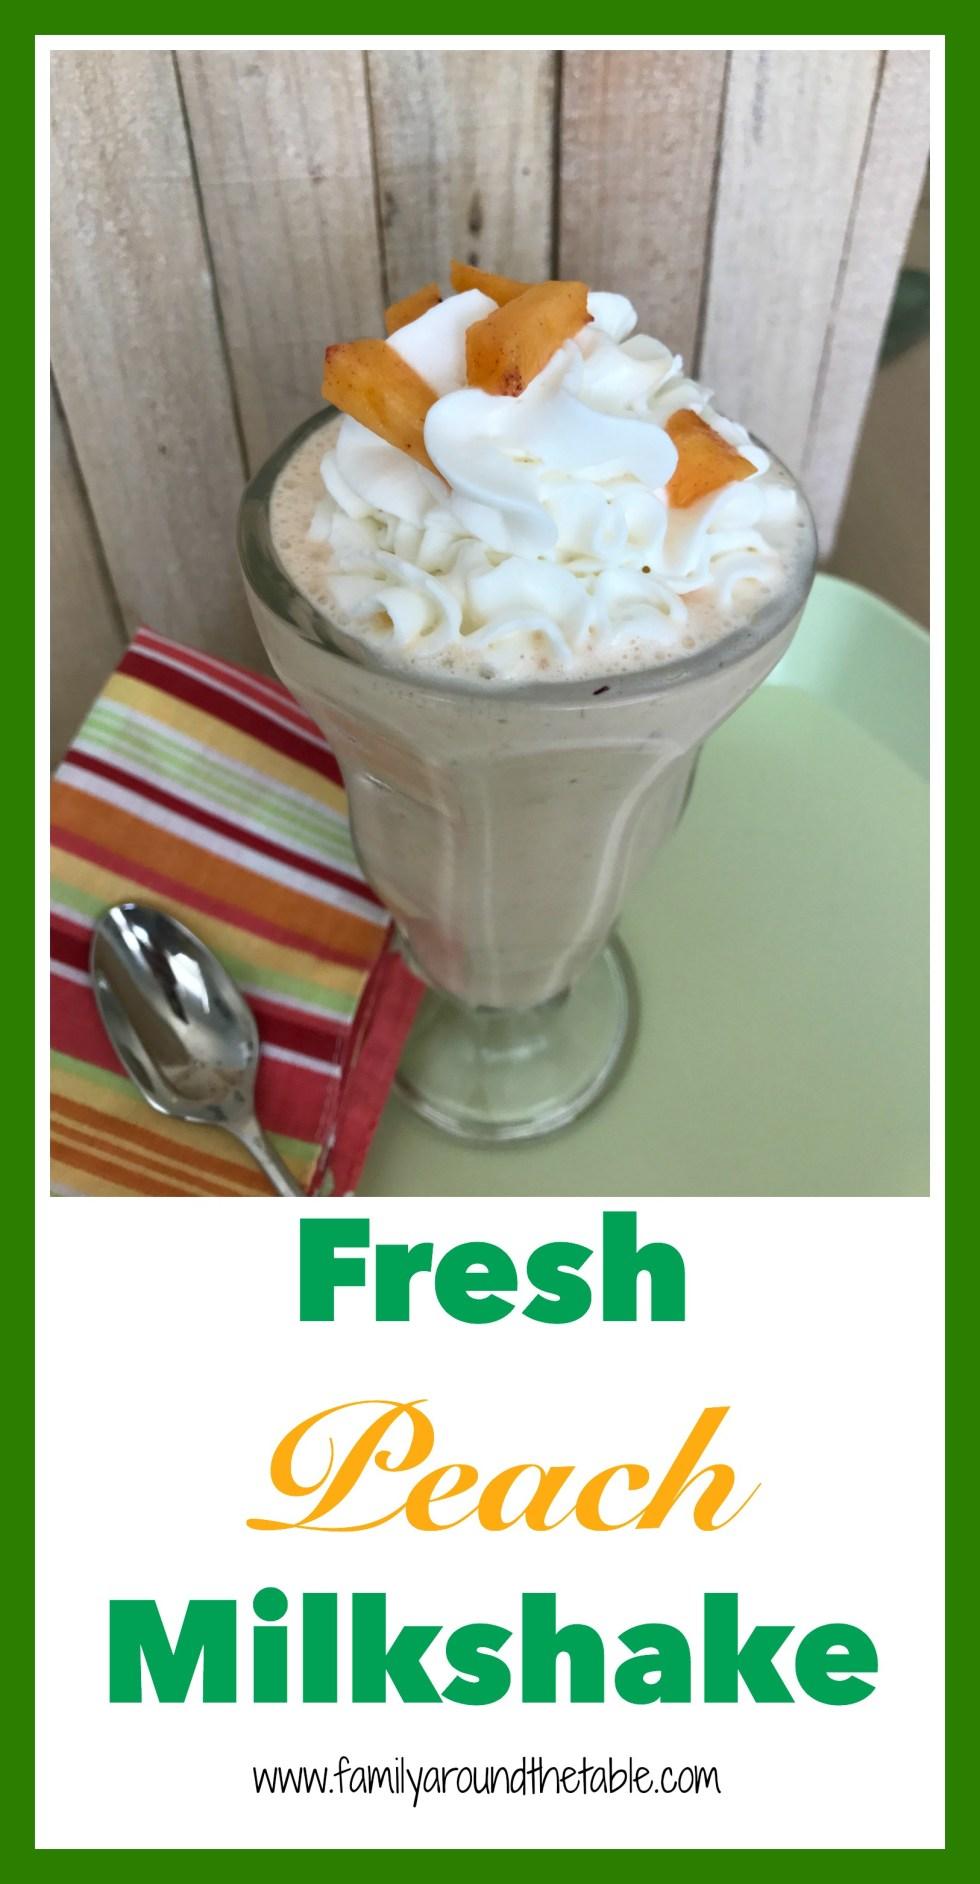 A fresh peach milkshake is a yummy after dinner treat.